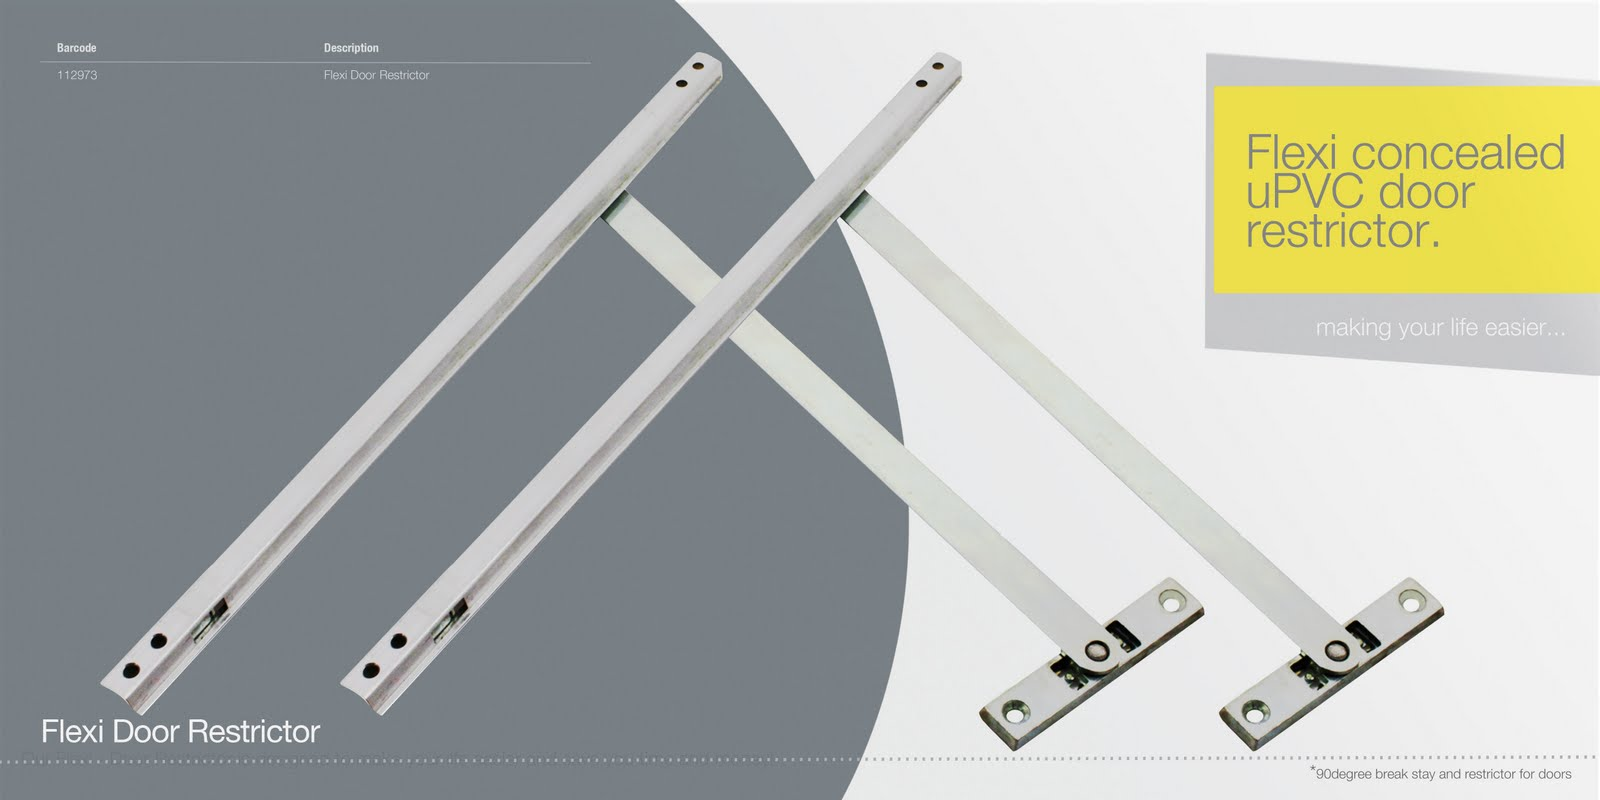 Door Restrictor Of Windowparts Ltd Flexi Concealed Door Restrictor Making